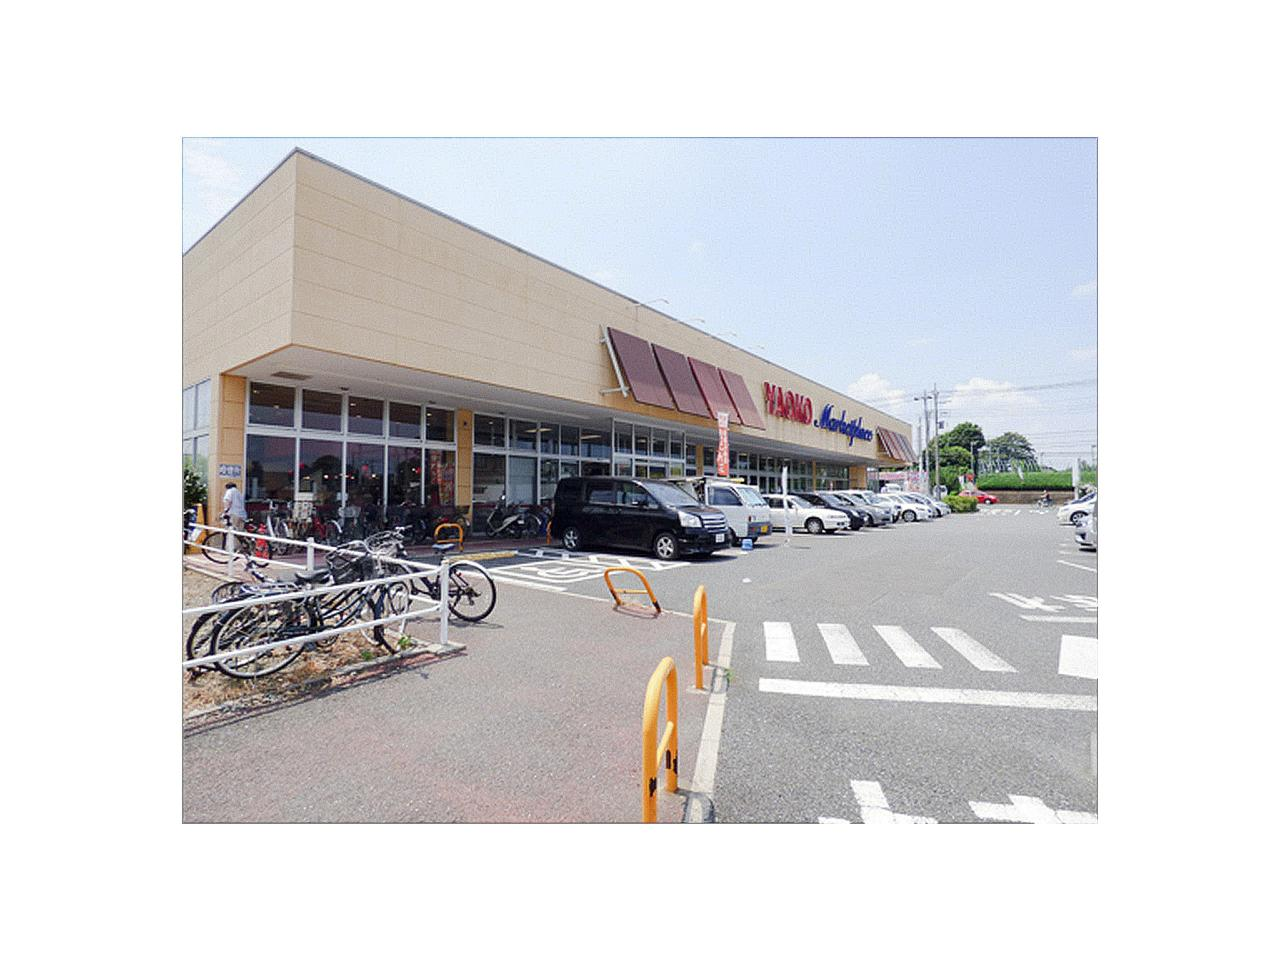 ヤオコー 所沢椿峰店